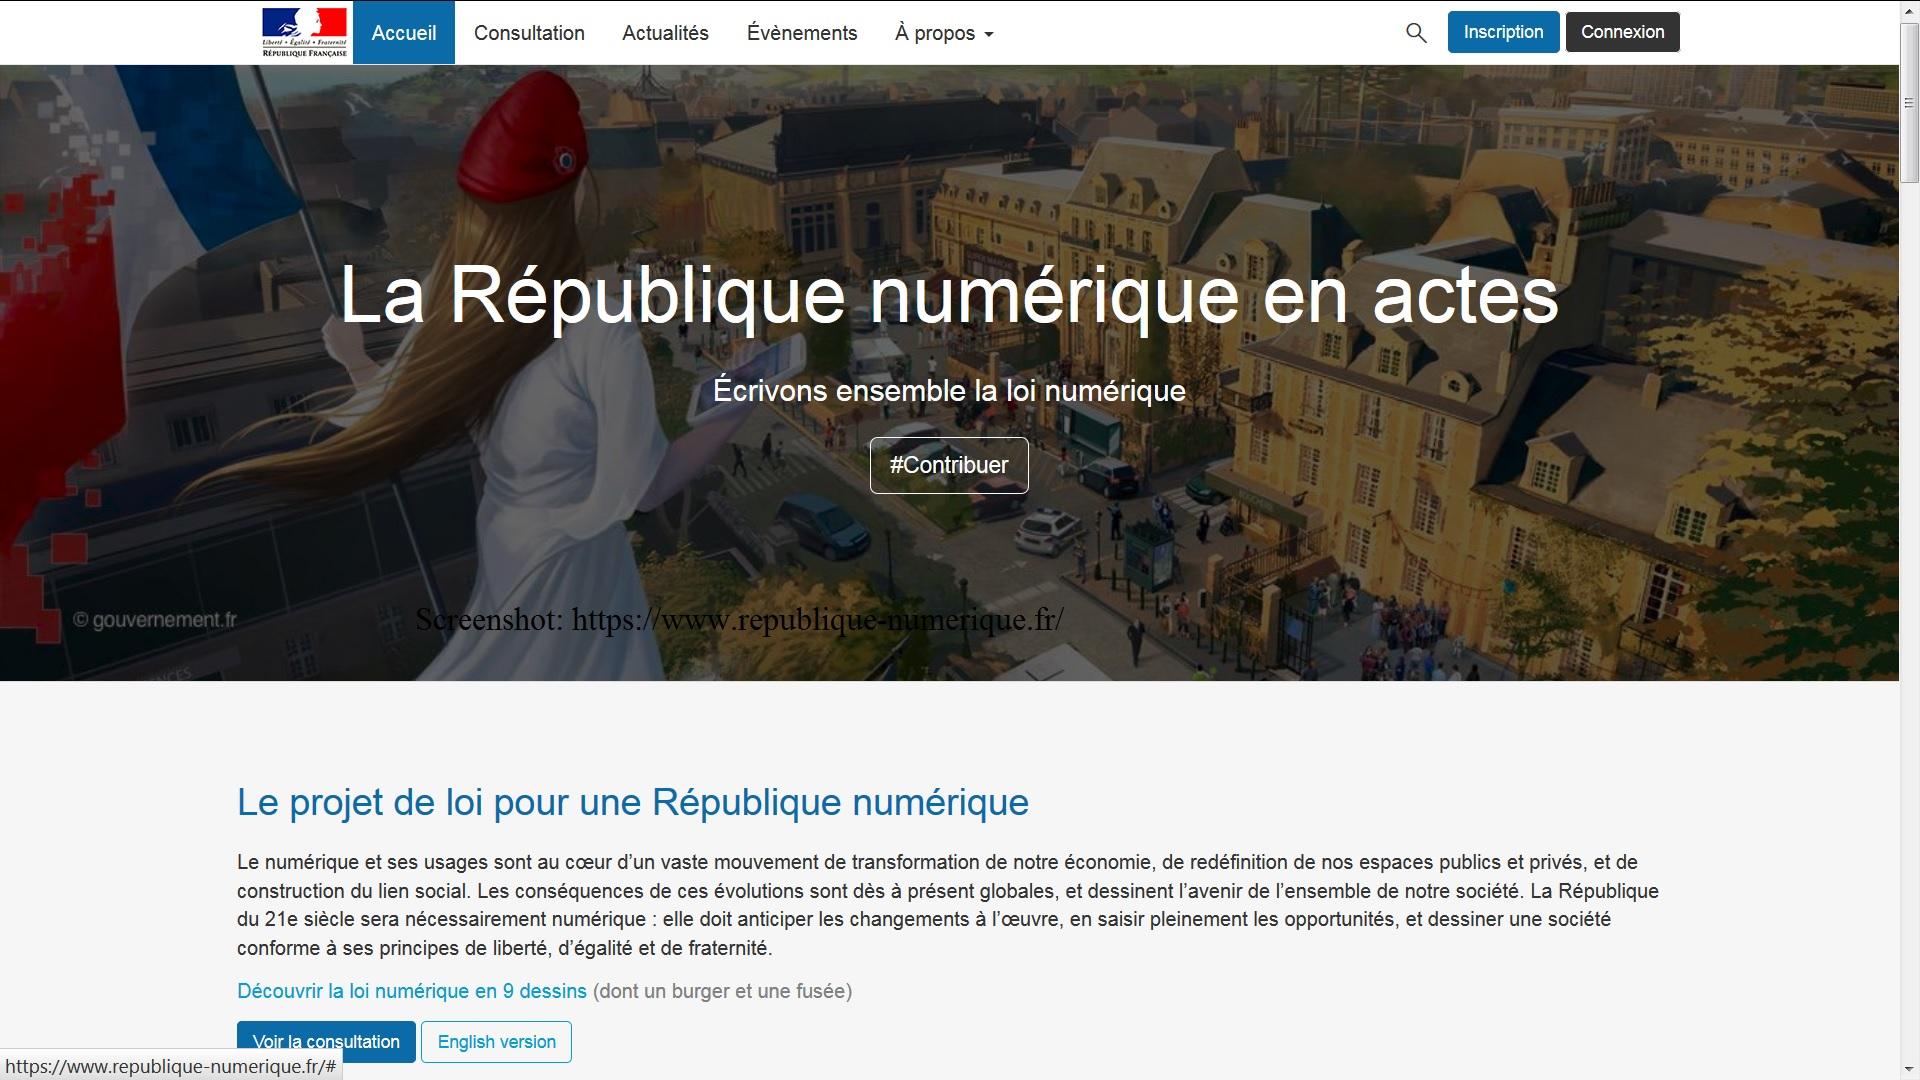 https://www.republique-numerique.fr/